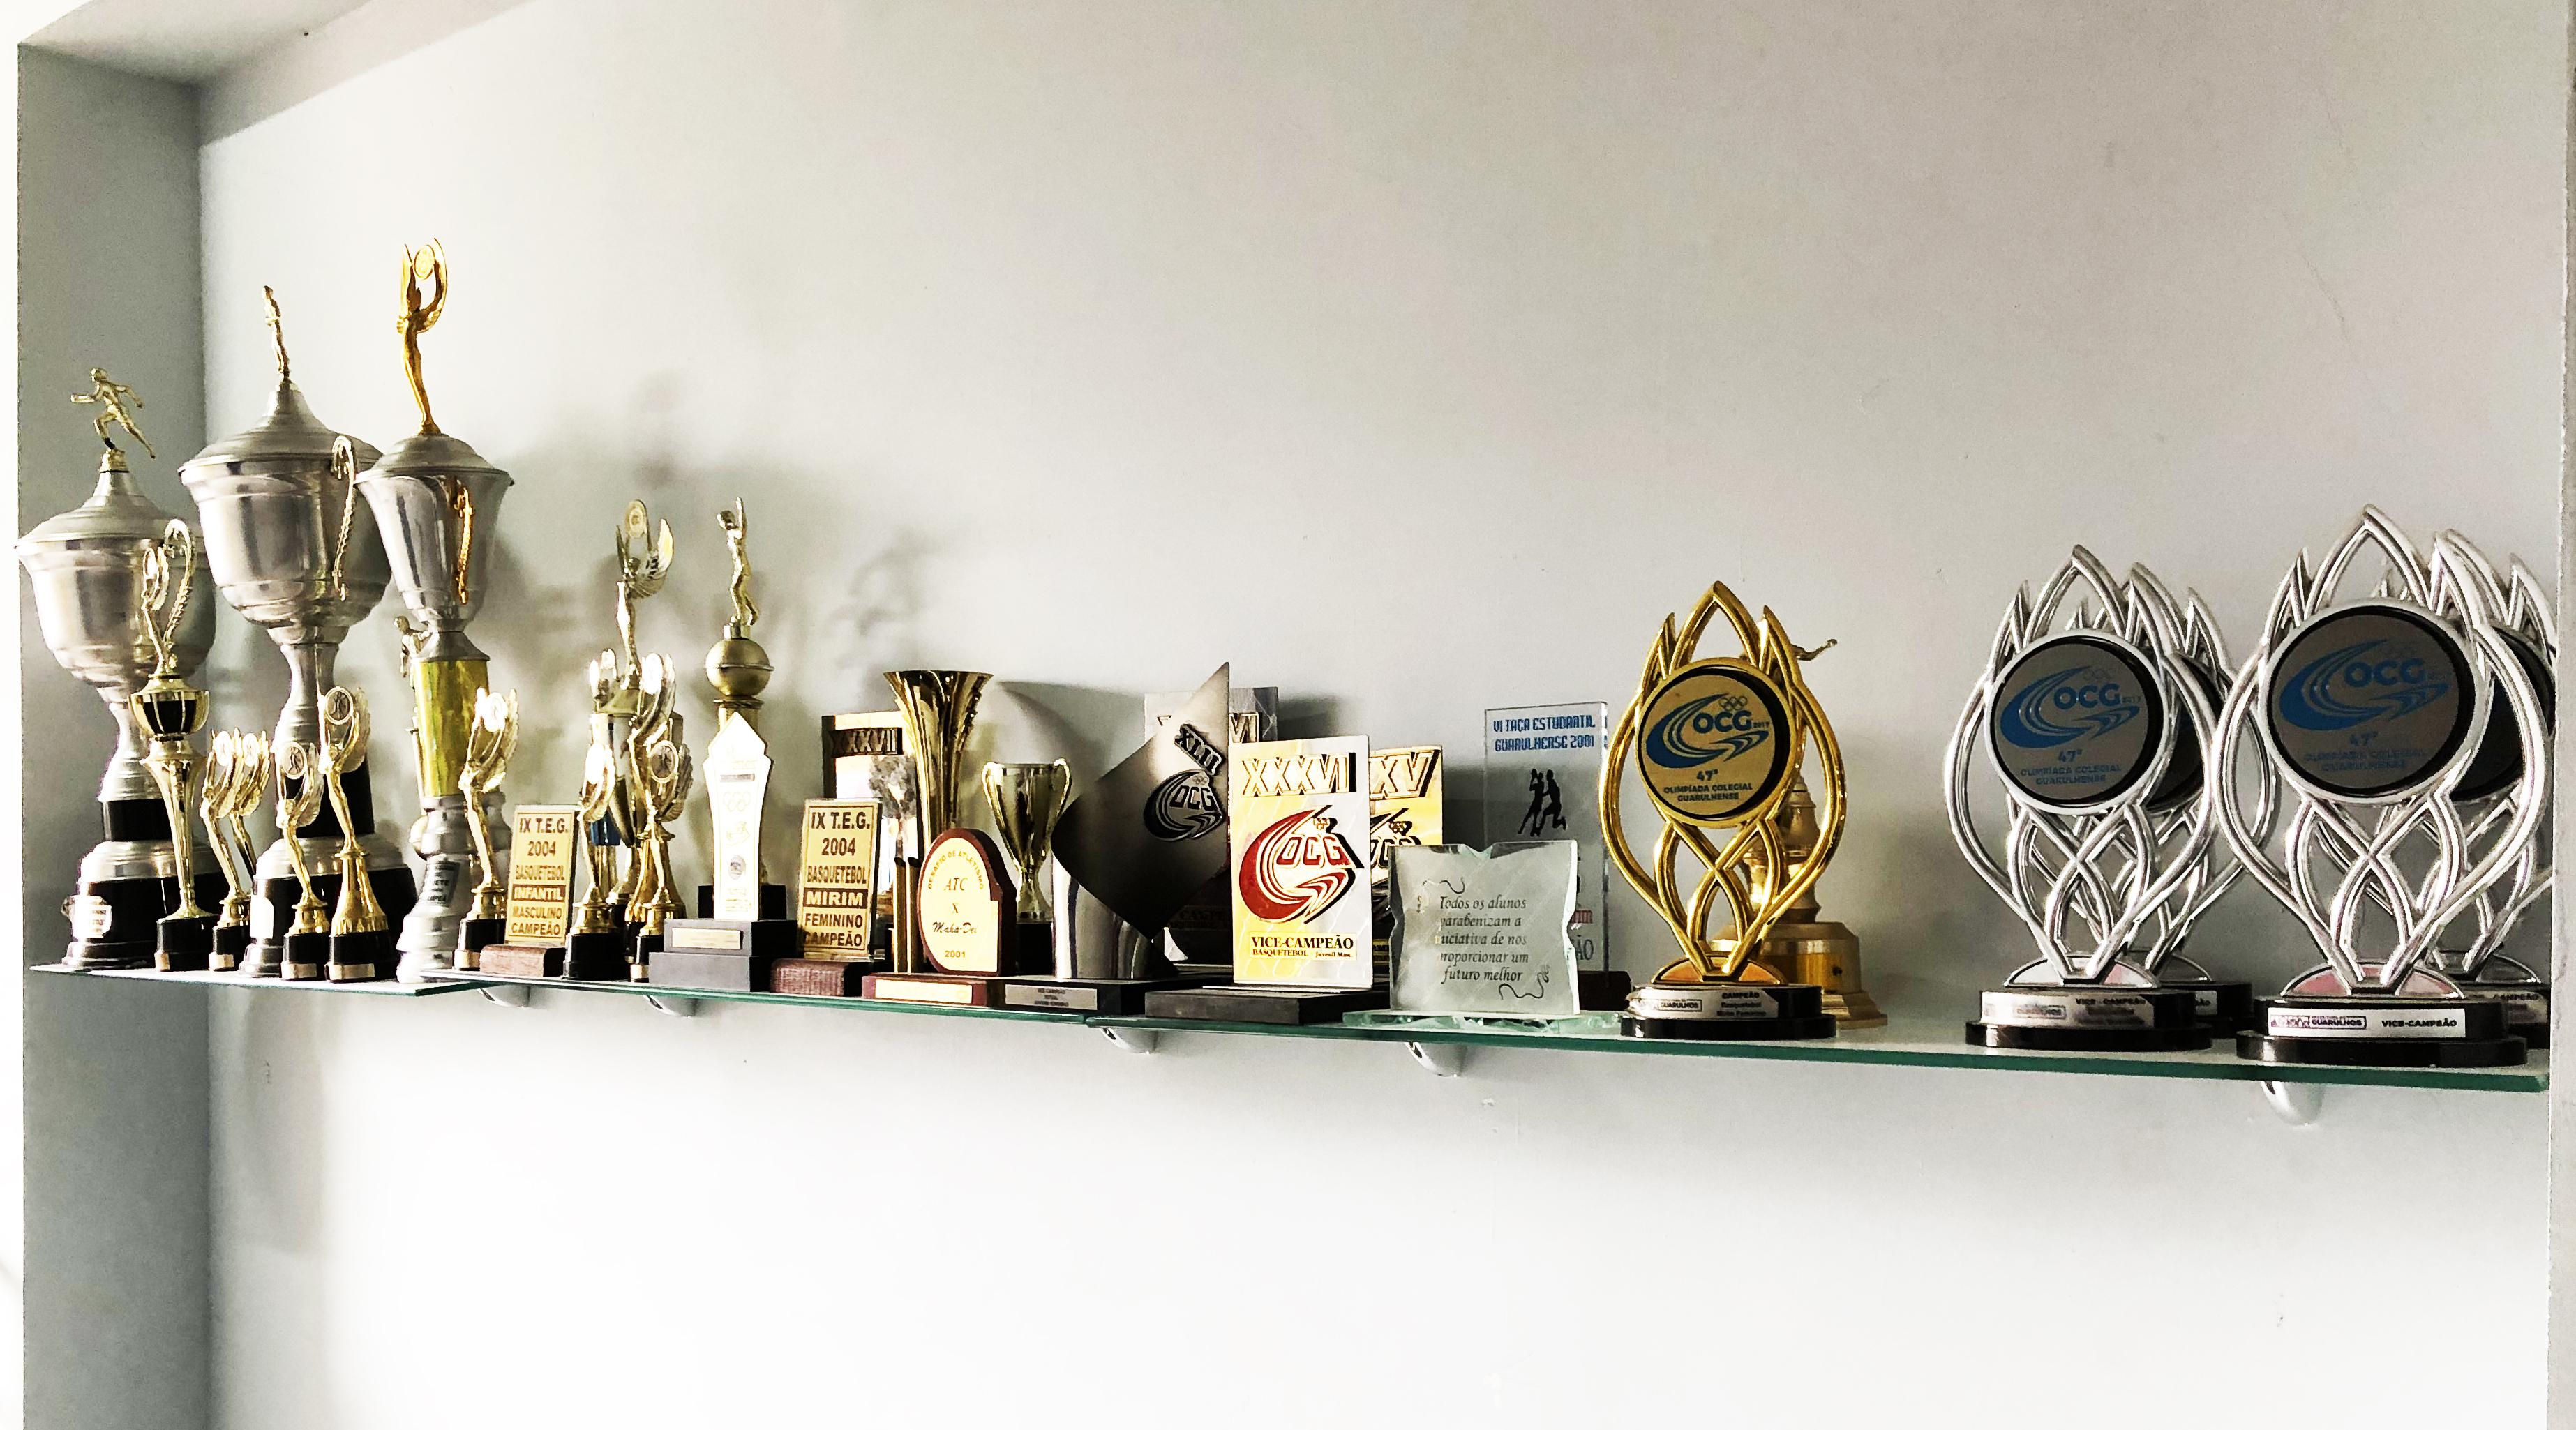 Troféus - Colégio - Maha Dei